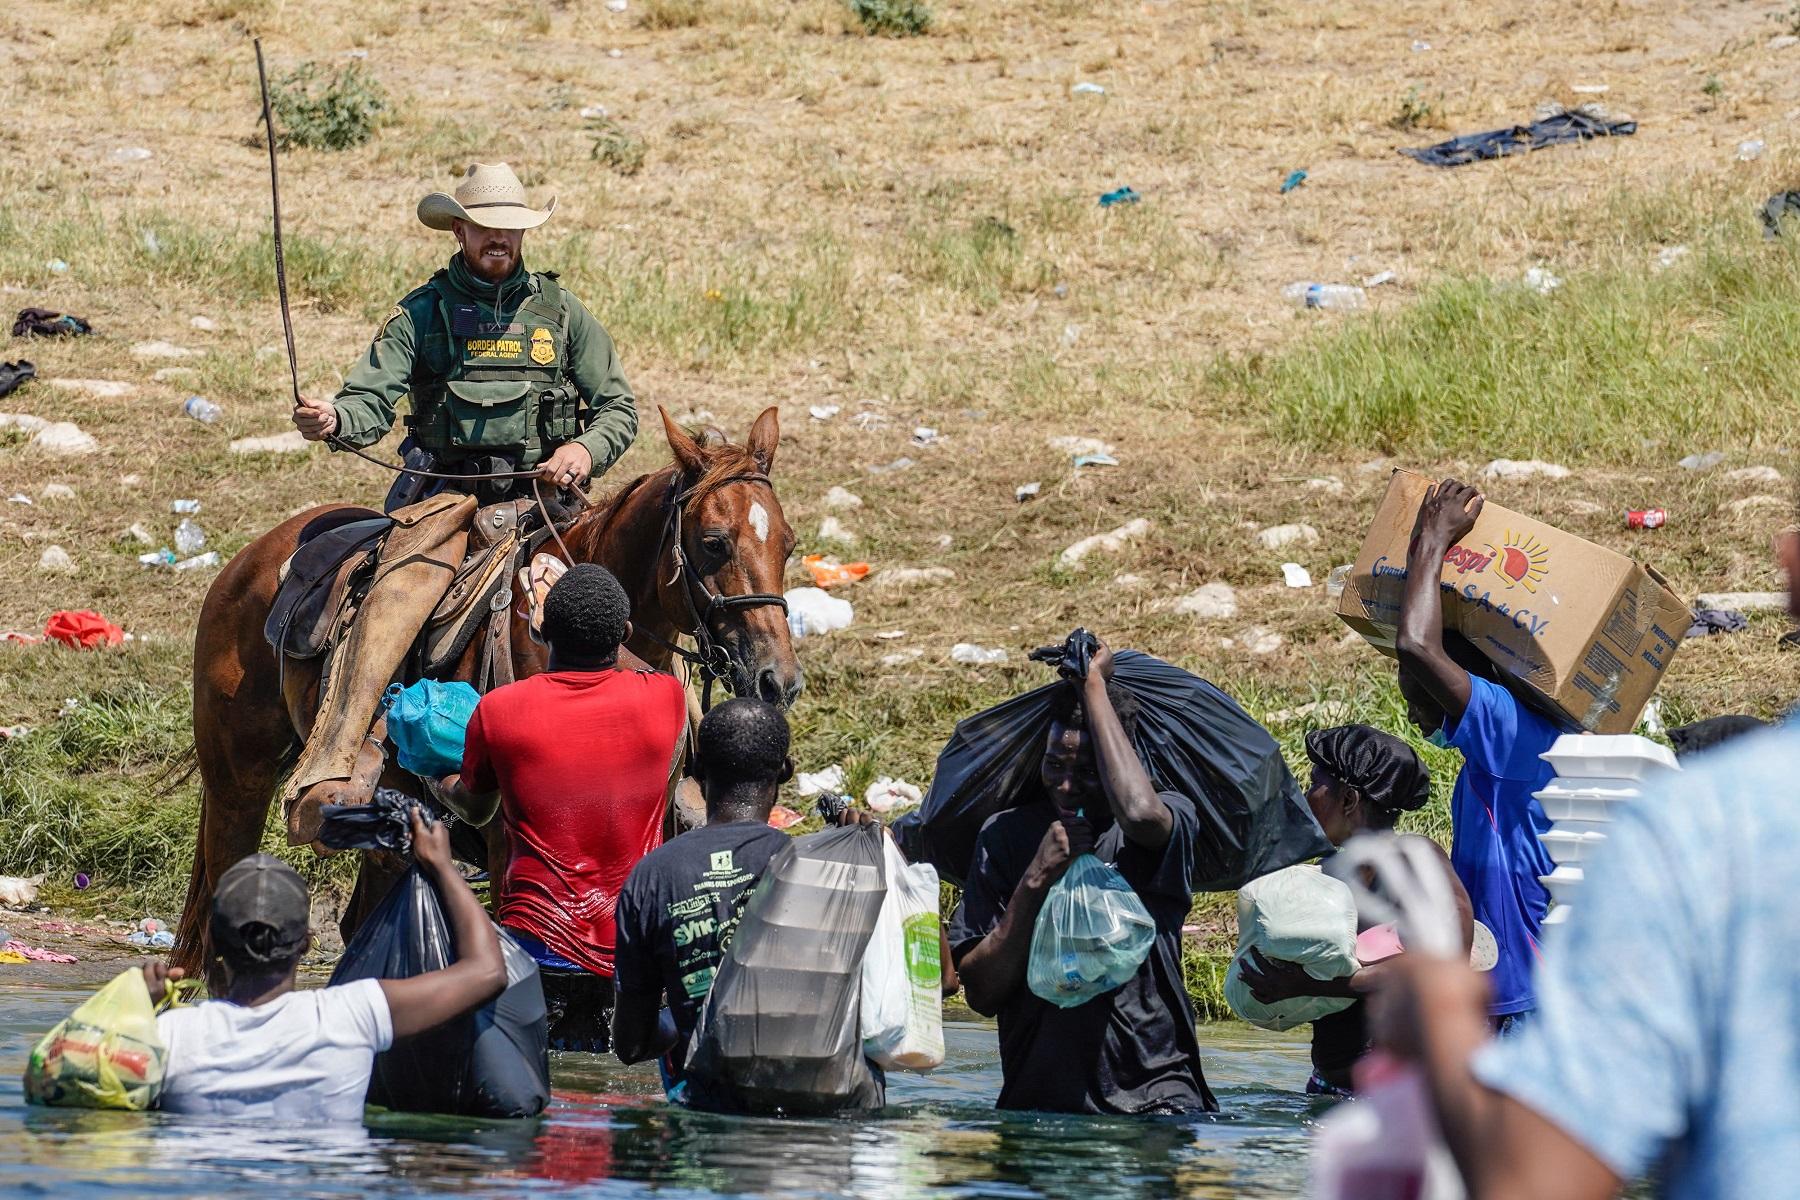 ΗΠΑ Μεταναστευτικό: Η κυβέρνηση Μπάιντεν θα ξεκινήσει την πτήση χιλιάδων μεταναστών στην Αϊτή